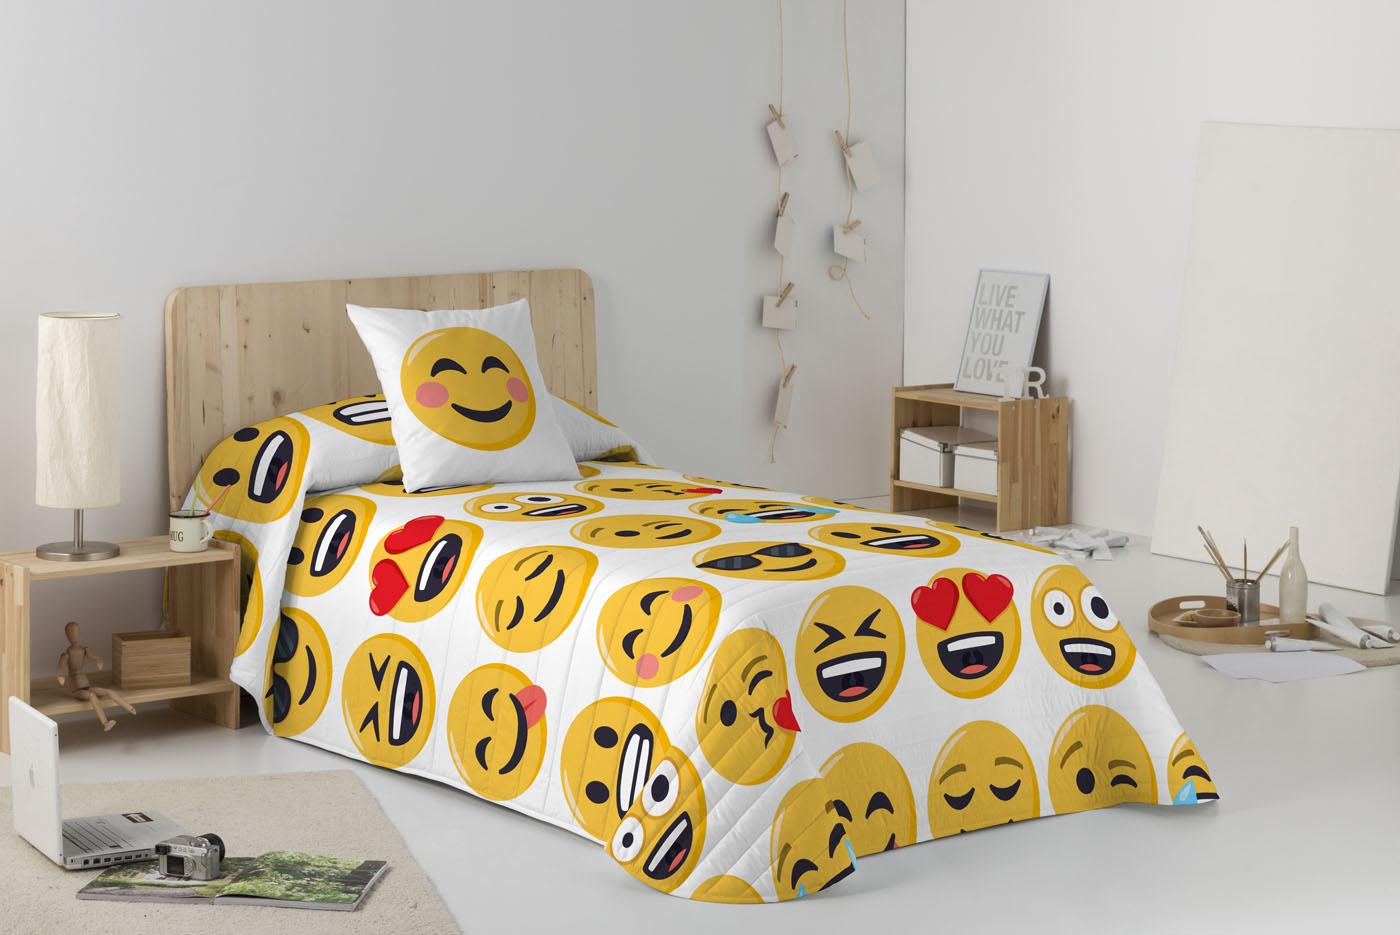 COLCHA BOUTI ILY  de JOY PIXELS EmojiOne